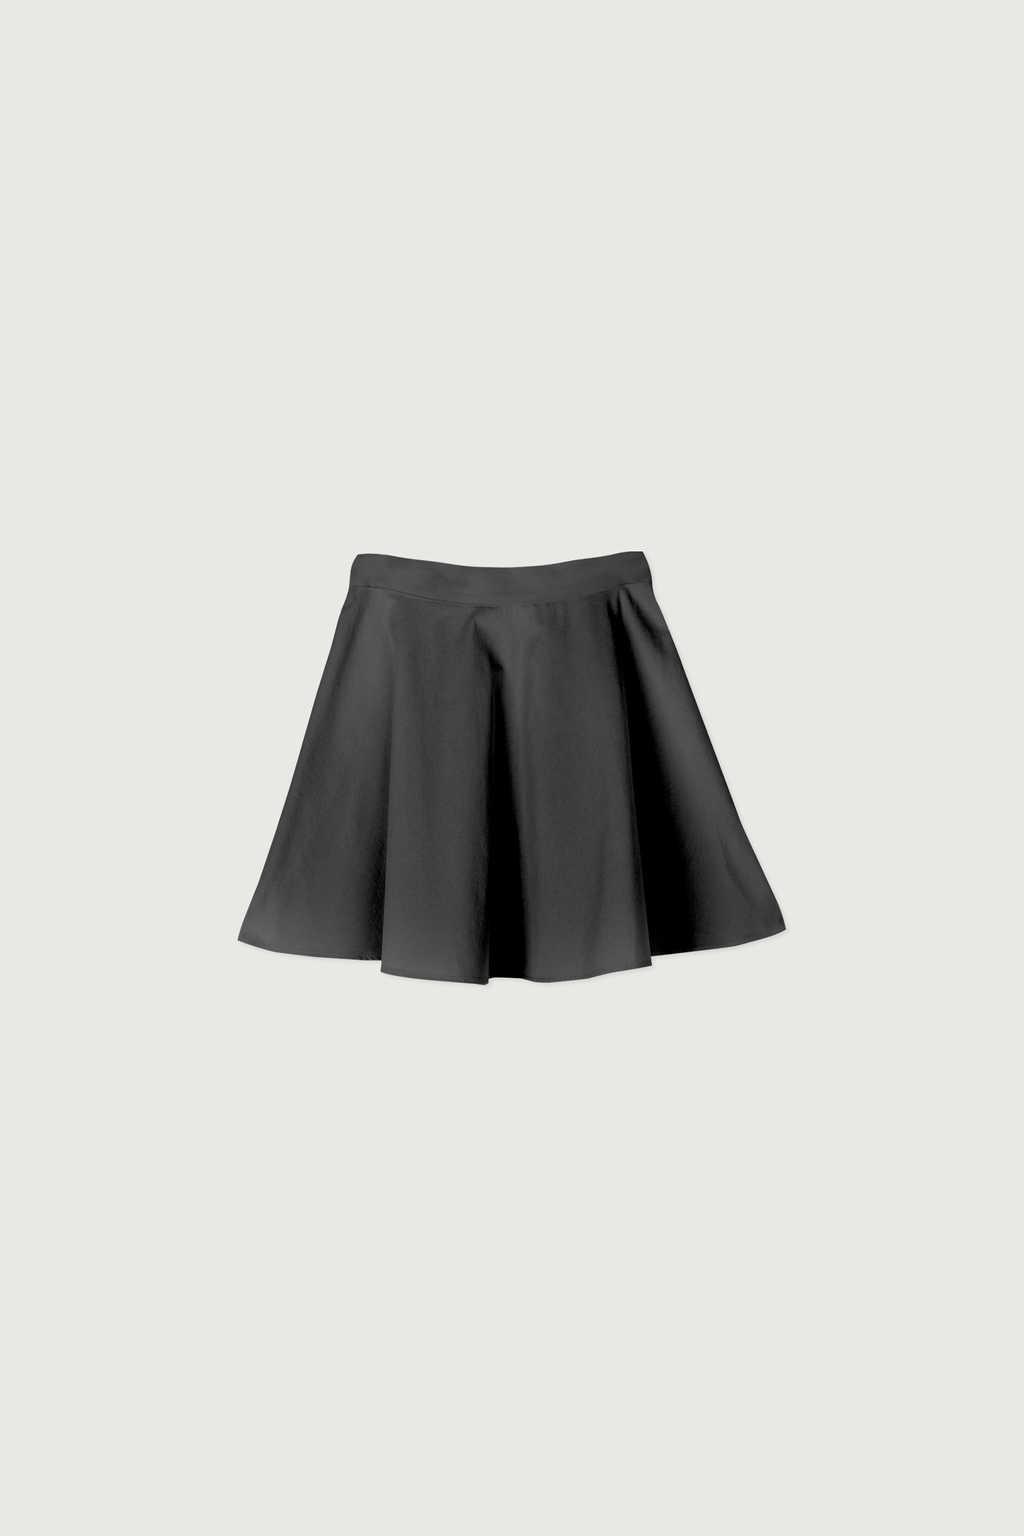 Skirt K021 Black 7